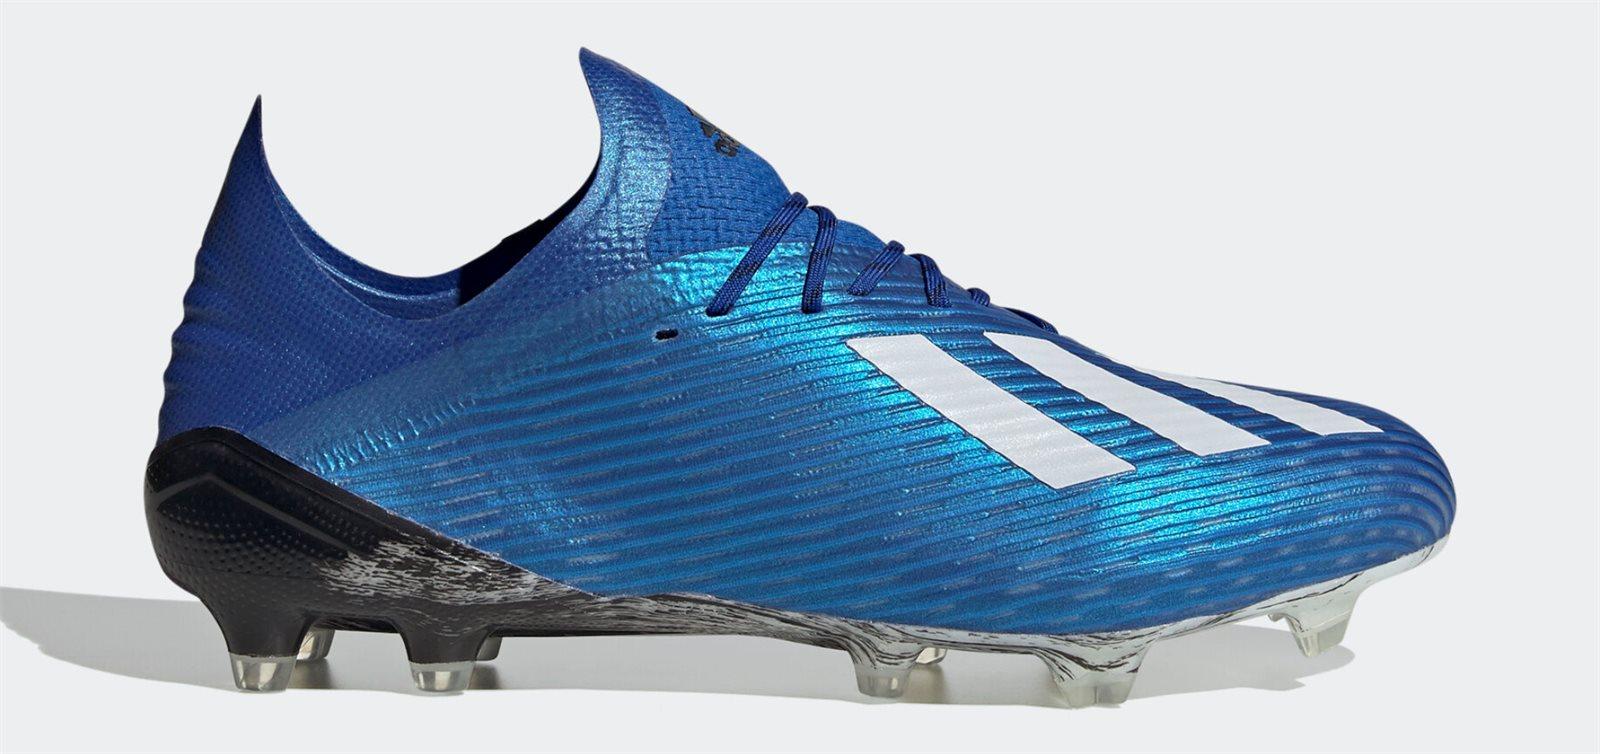 Adidas X19.1 là dòng giày có trọng lượng nhẹ được nhiều ngôi sao hàng đầu thế giới lựa chọn